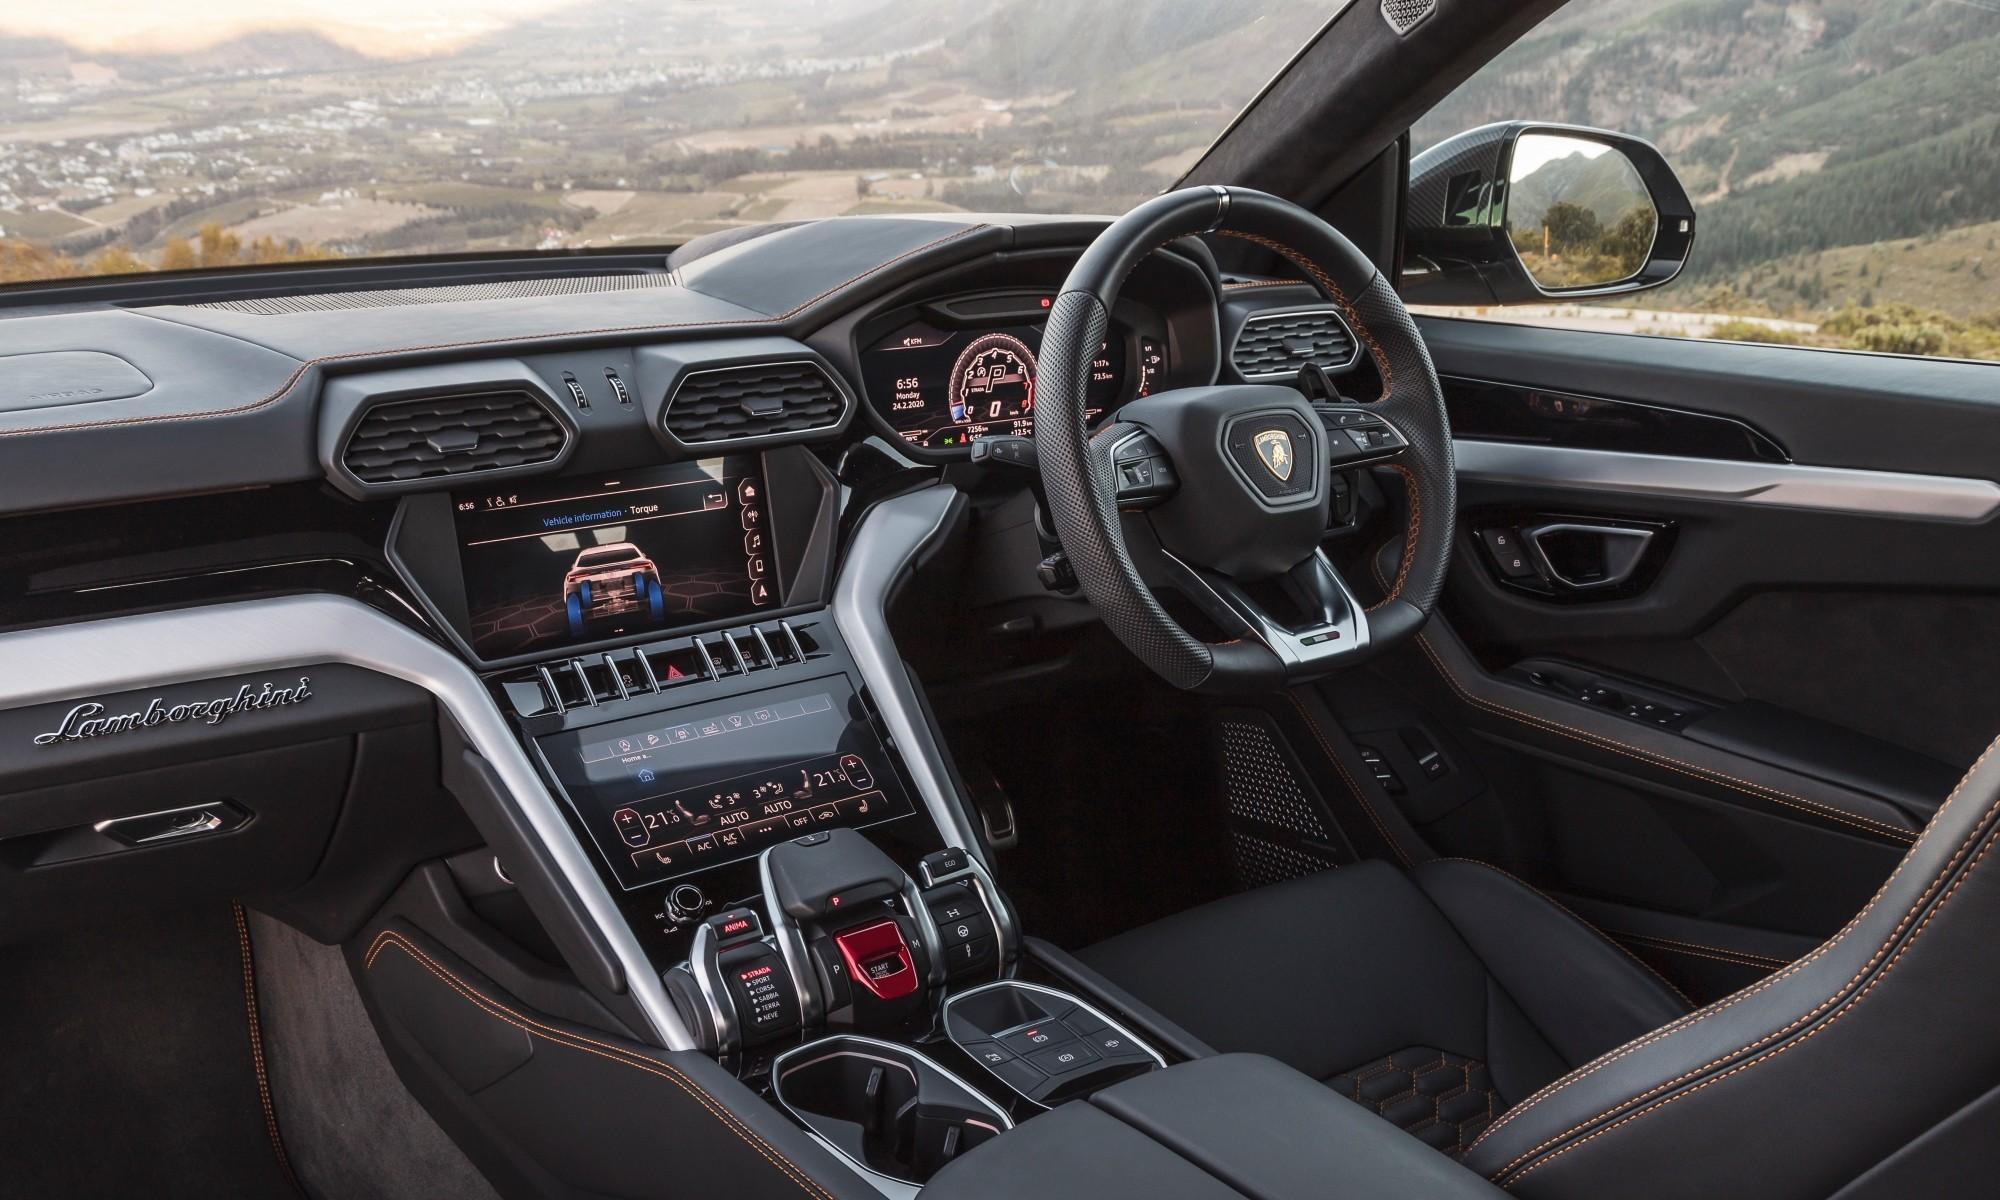 Lamborghini Urus driven interior